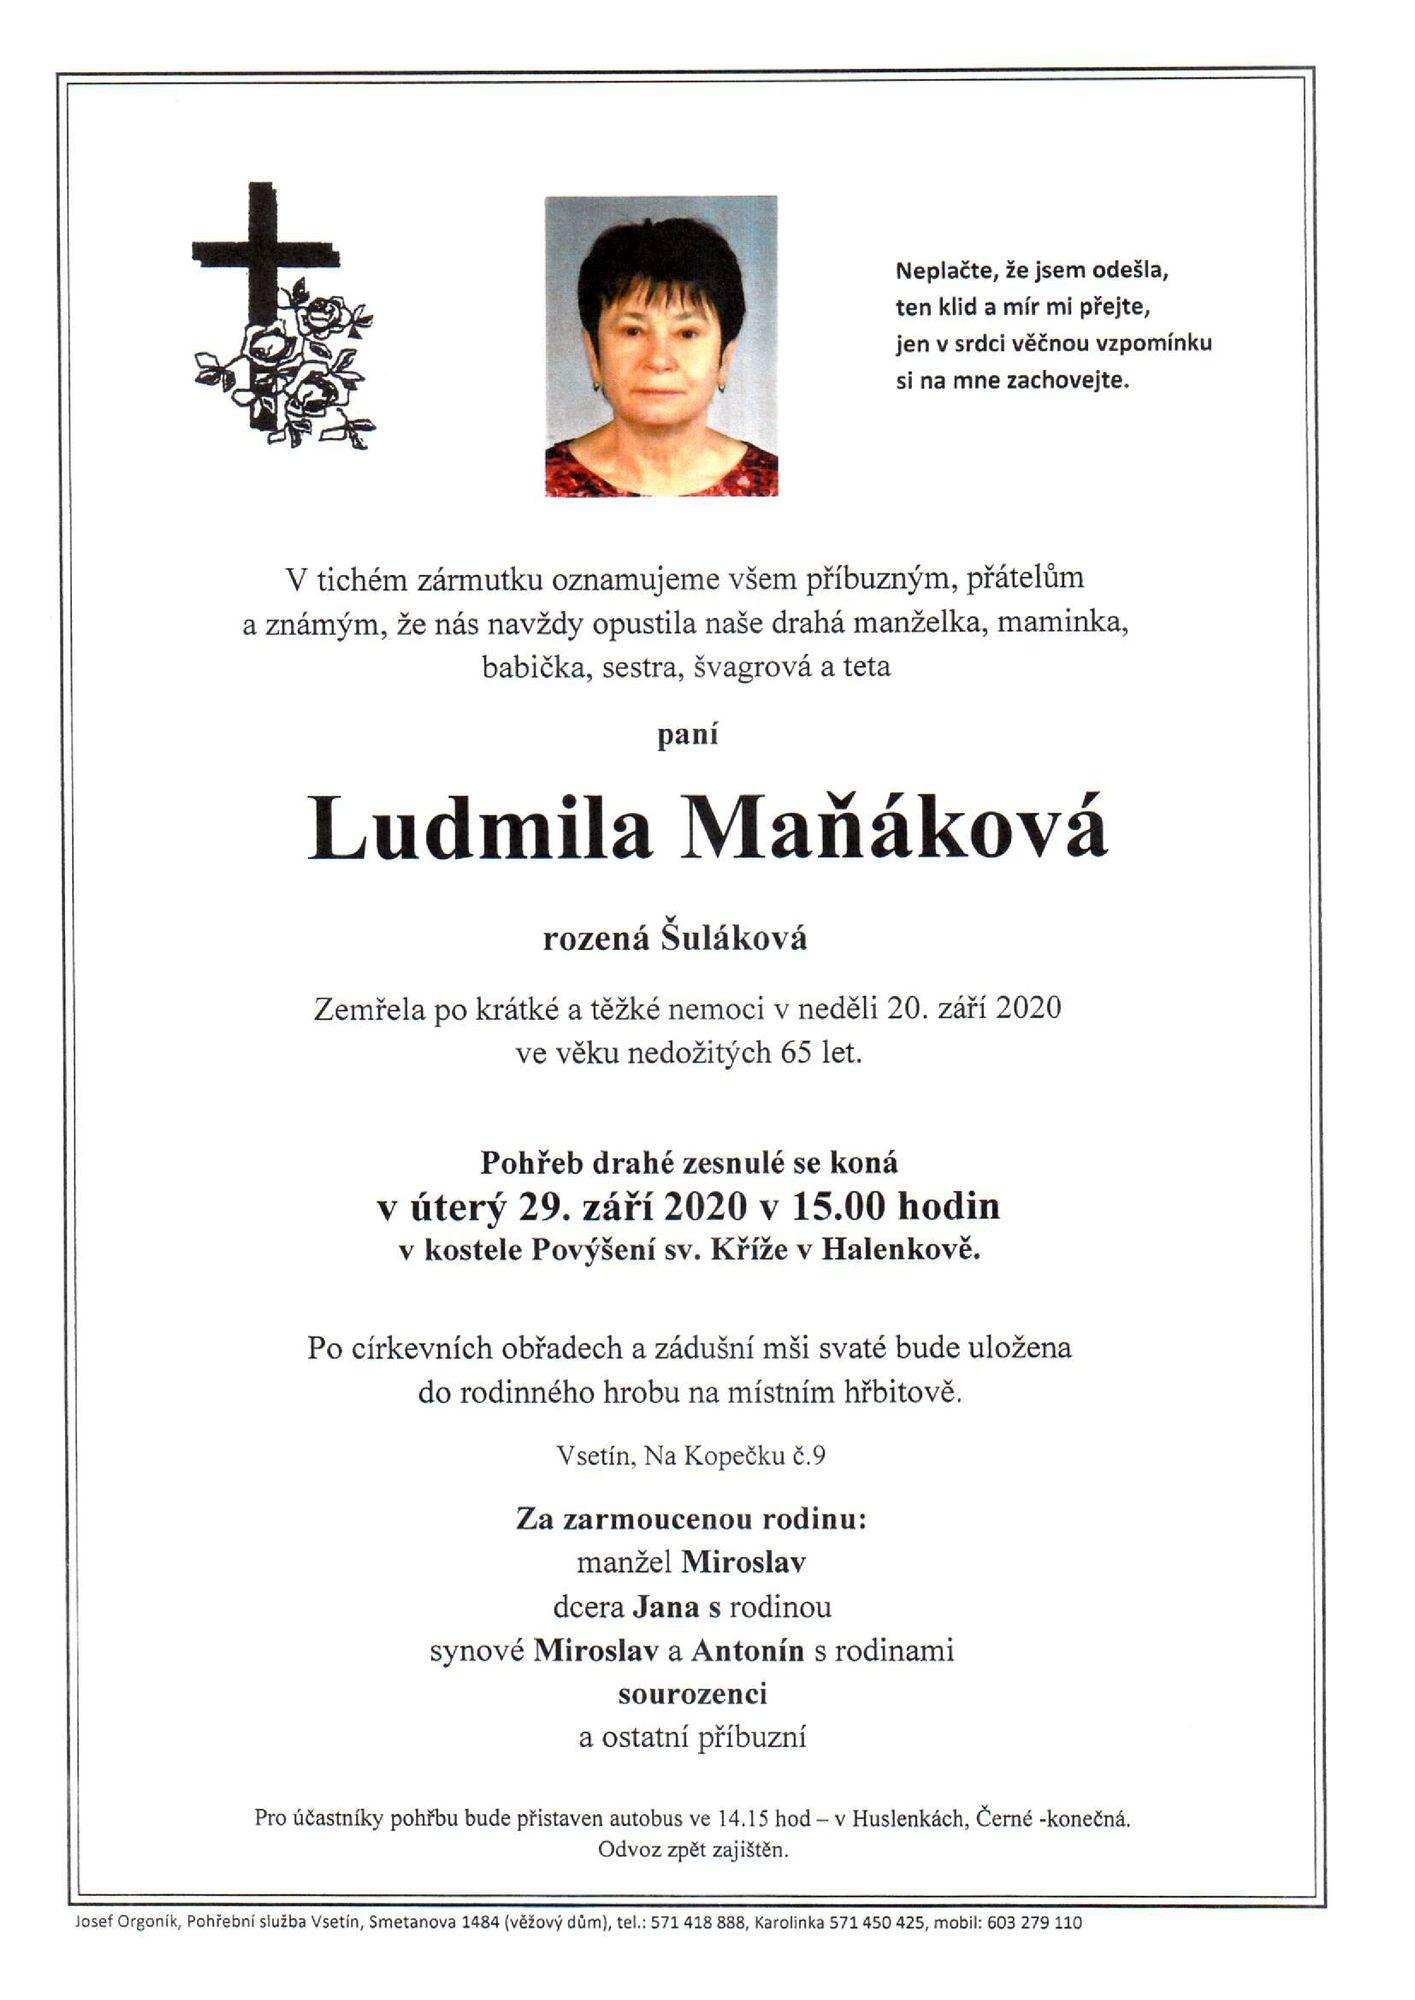 Ludmila Maňáková